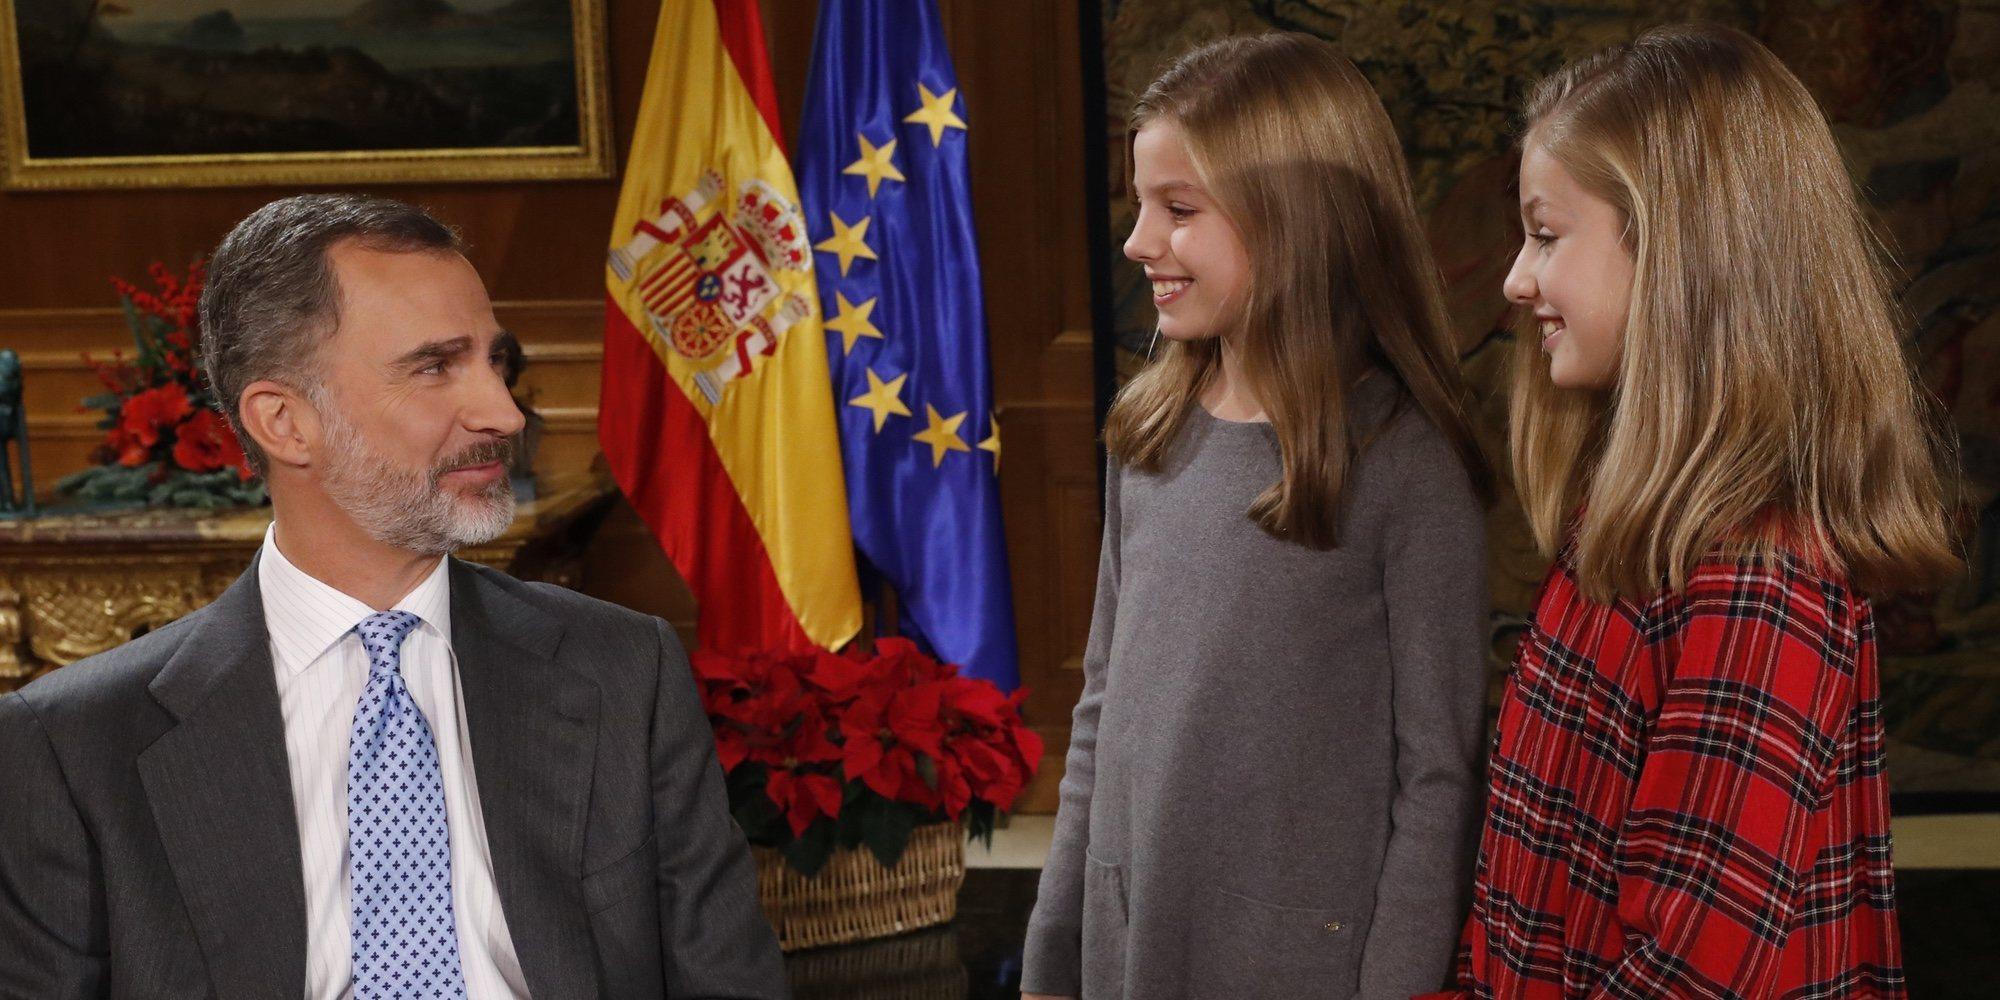 La lección del Rey Felipe a sus hijas Leonor y Sofía sobre homosexualidad y la transexualidad